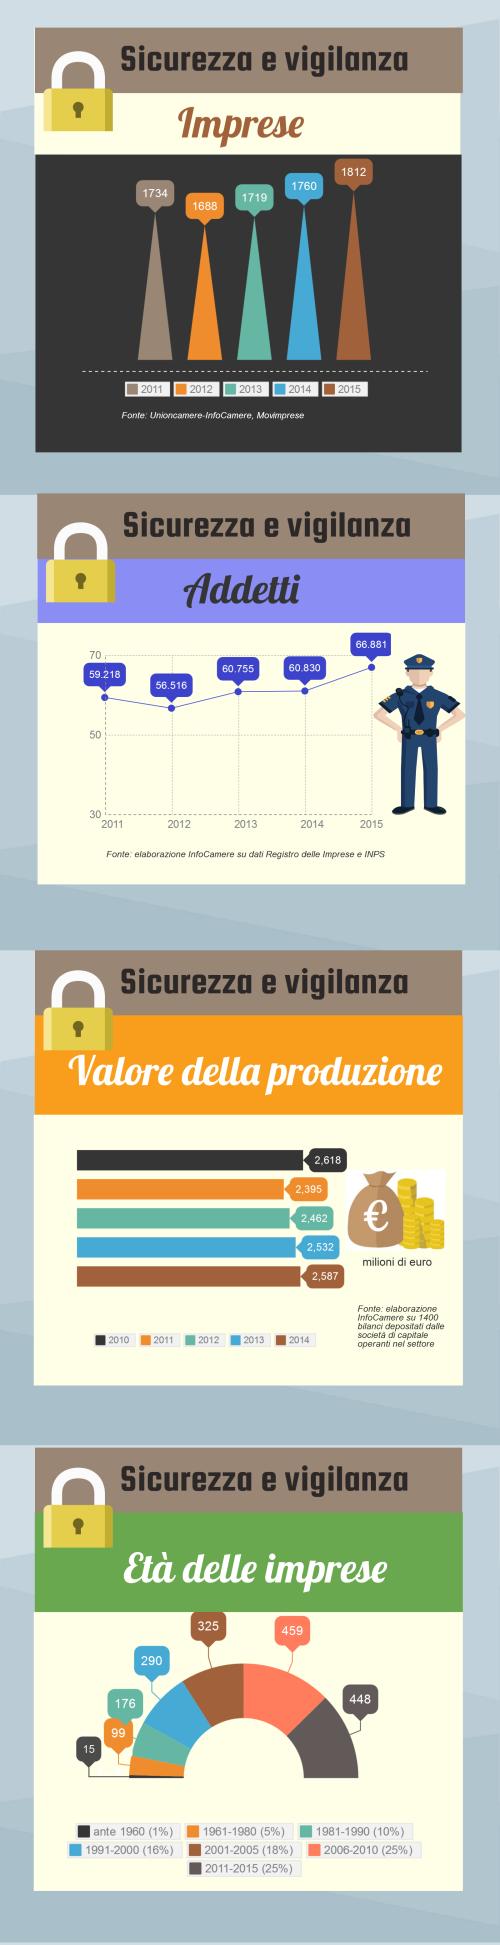 sicurezza-e-vigilanza-2011-2015_aggiornamento2